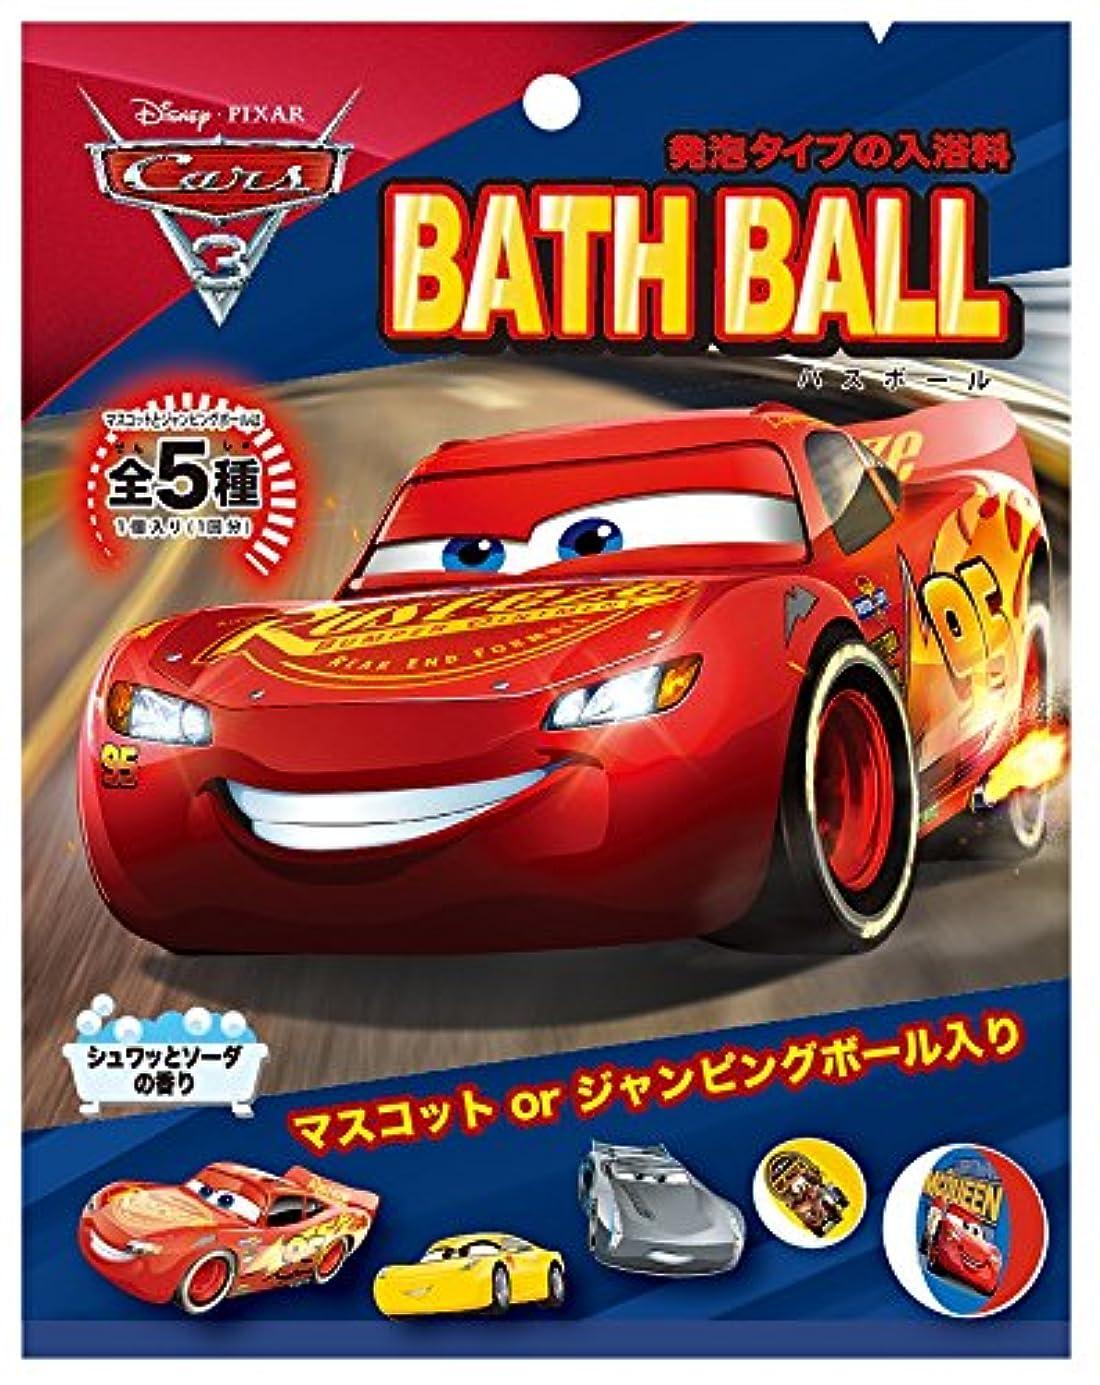 ディズニー 入浴剤 カーズ3 バスボール おまけ付き ソーダの香り DIP-90-01